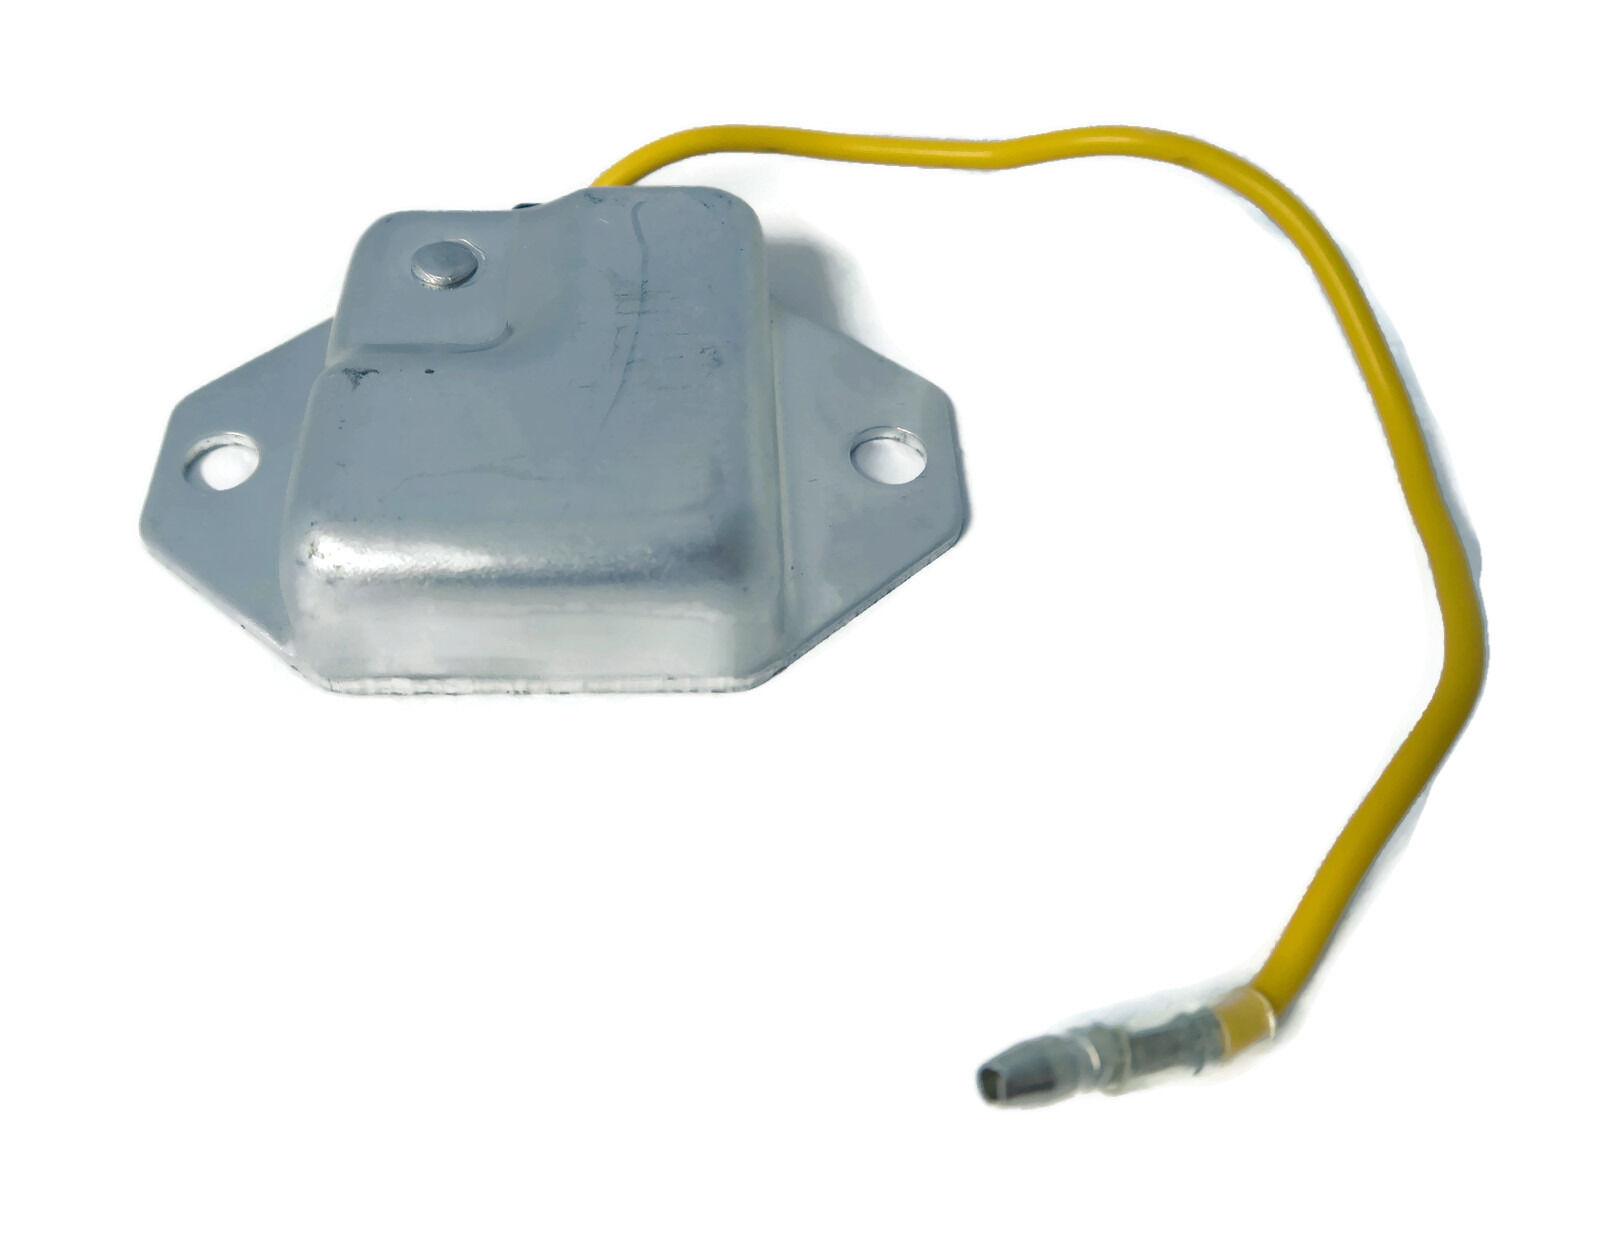 Voltage Regulator Fit Yamaha 1977 1981 Enticer 250 1978 1980 1982 Wiring Diagram 1987 340 Sled